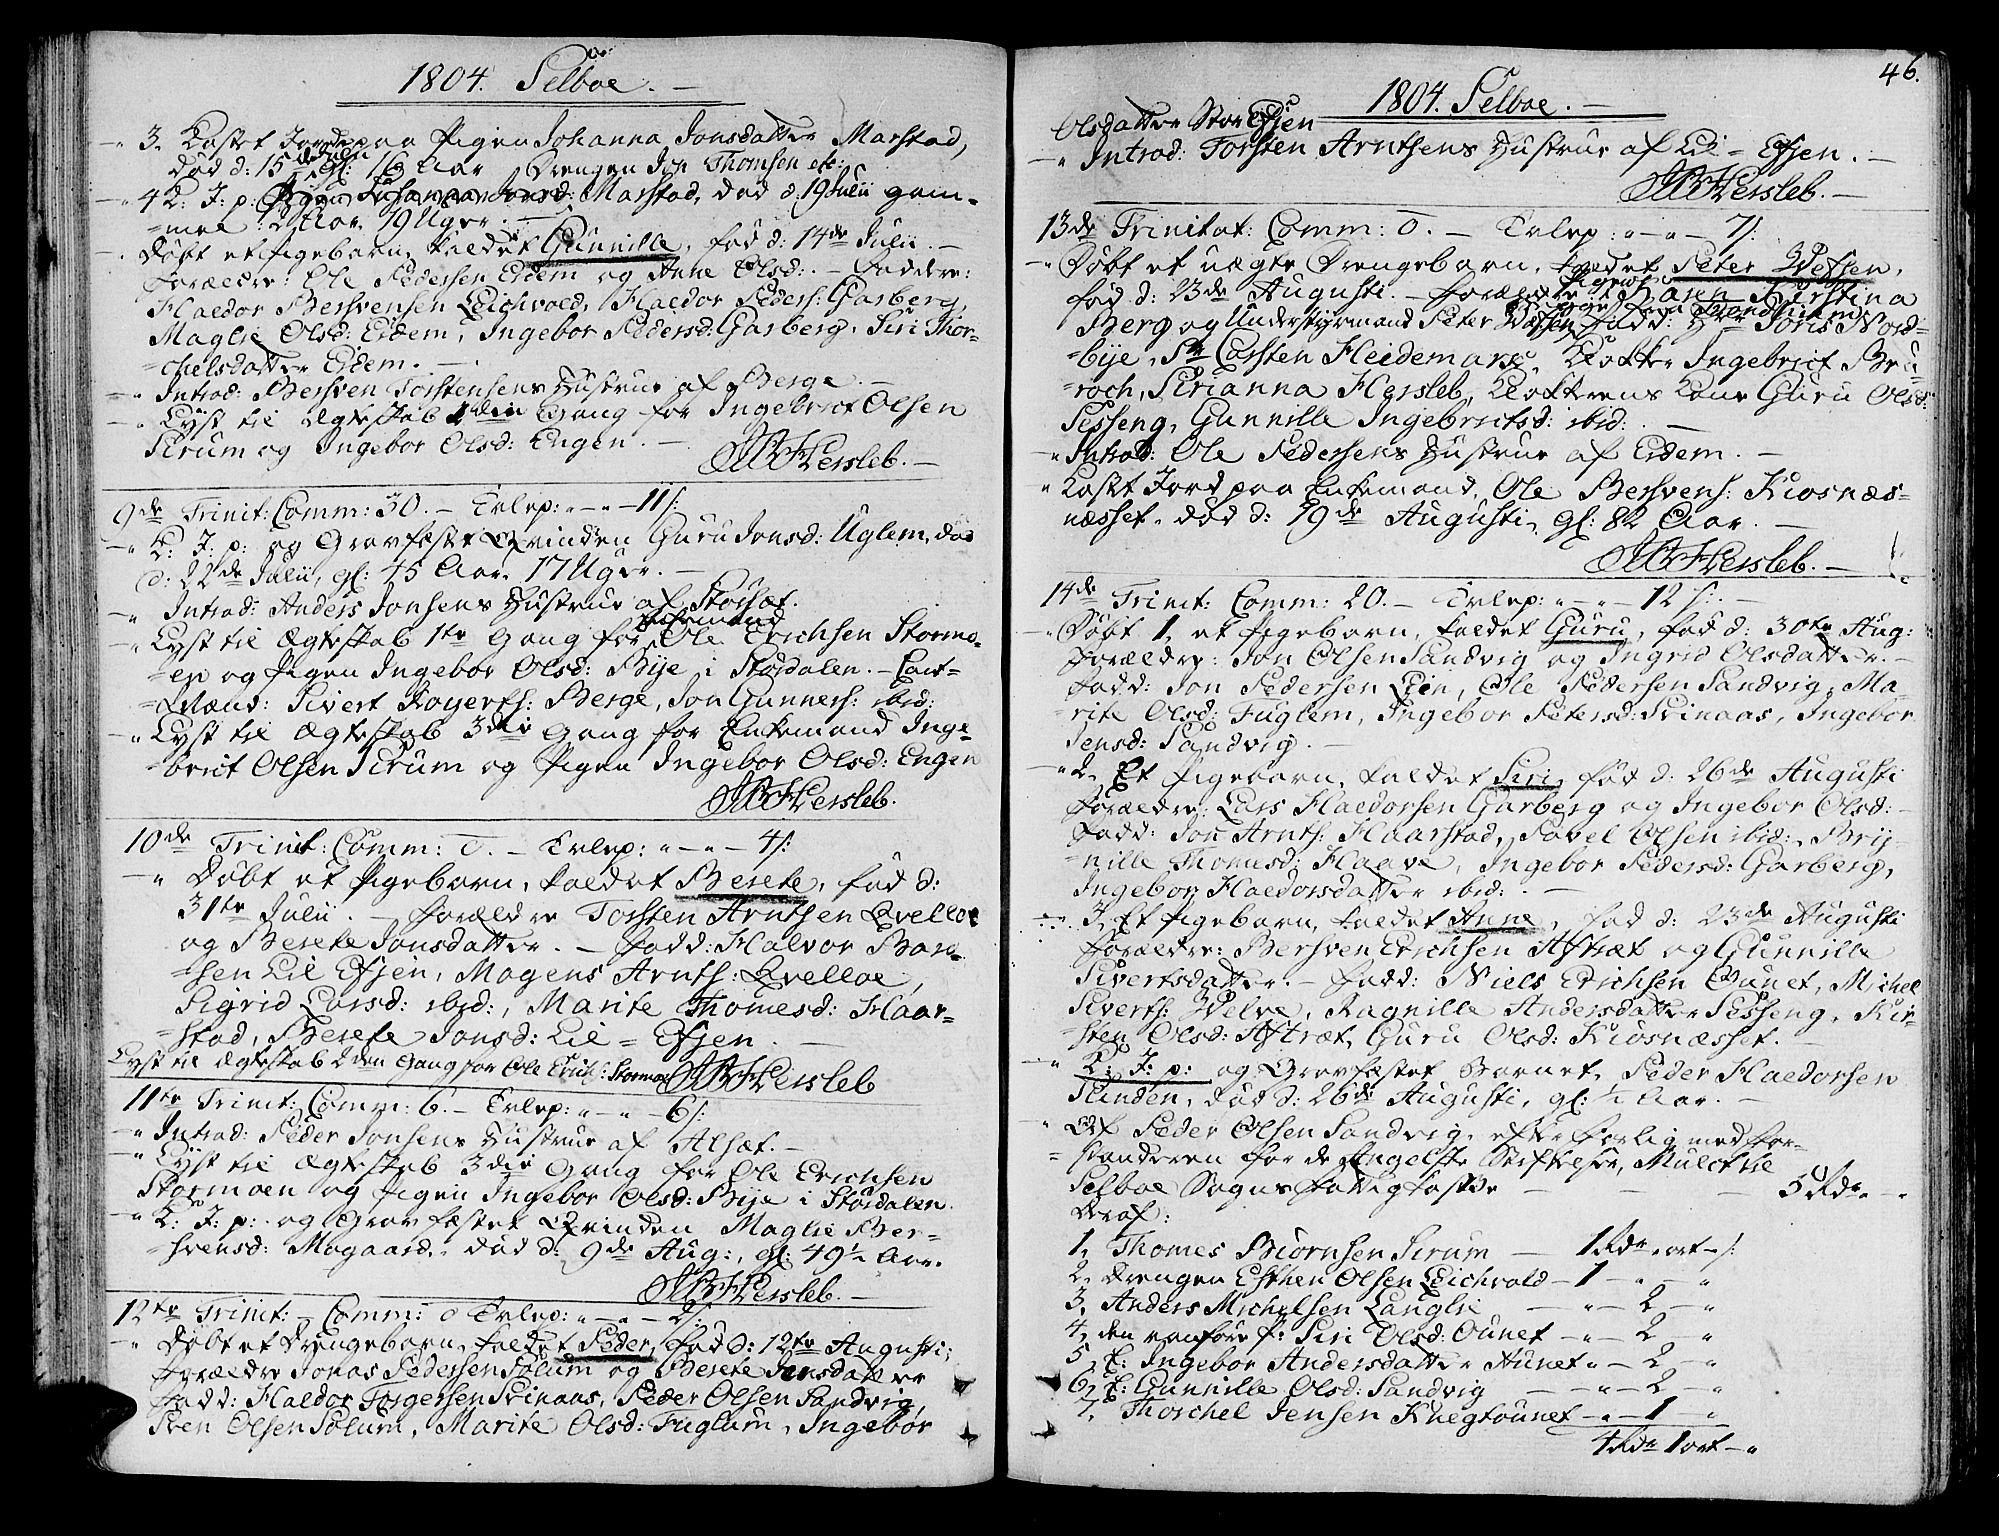 SAT, Ministerialprotokoller, klokkerbøker og fødselsregistre - Sør-Trøndelag, 695/L1140: Ministerialbok nr. 695A03, 1801-1815, s. 46